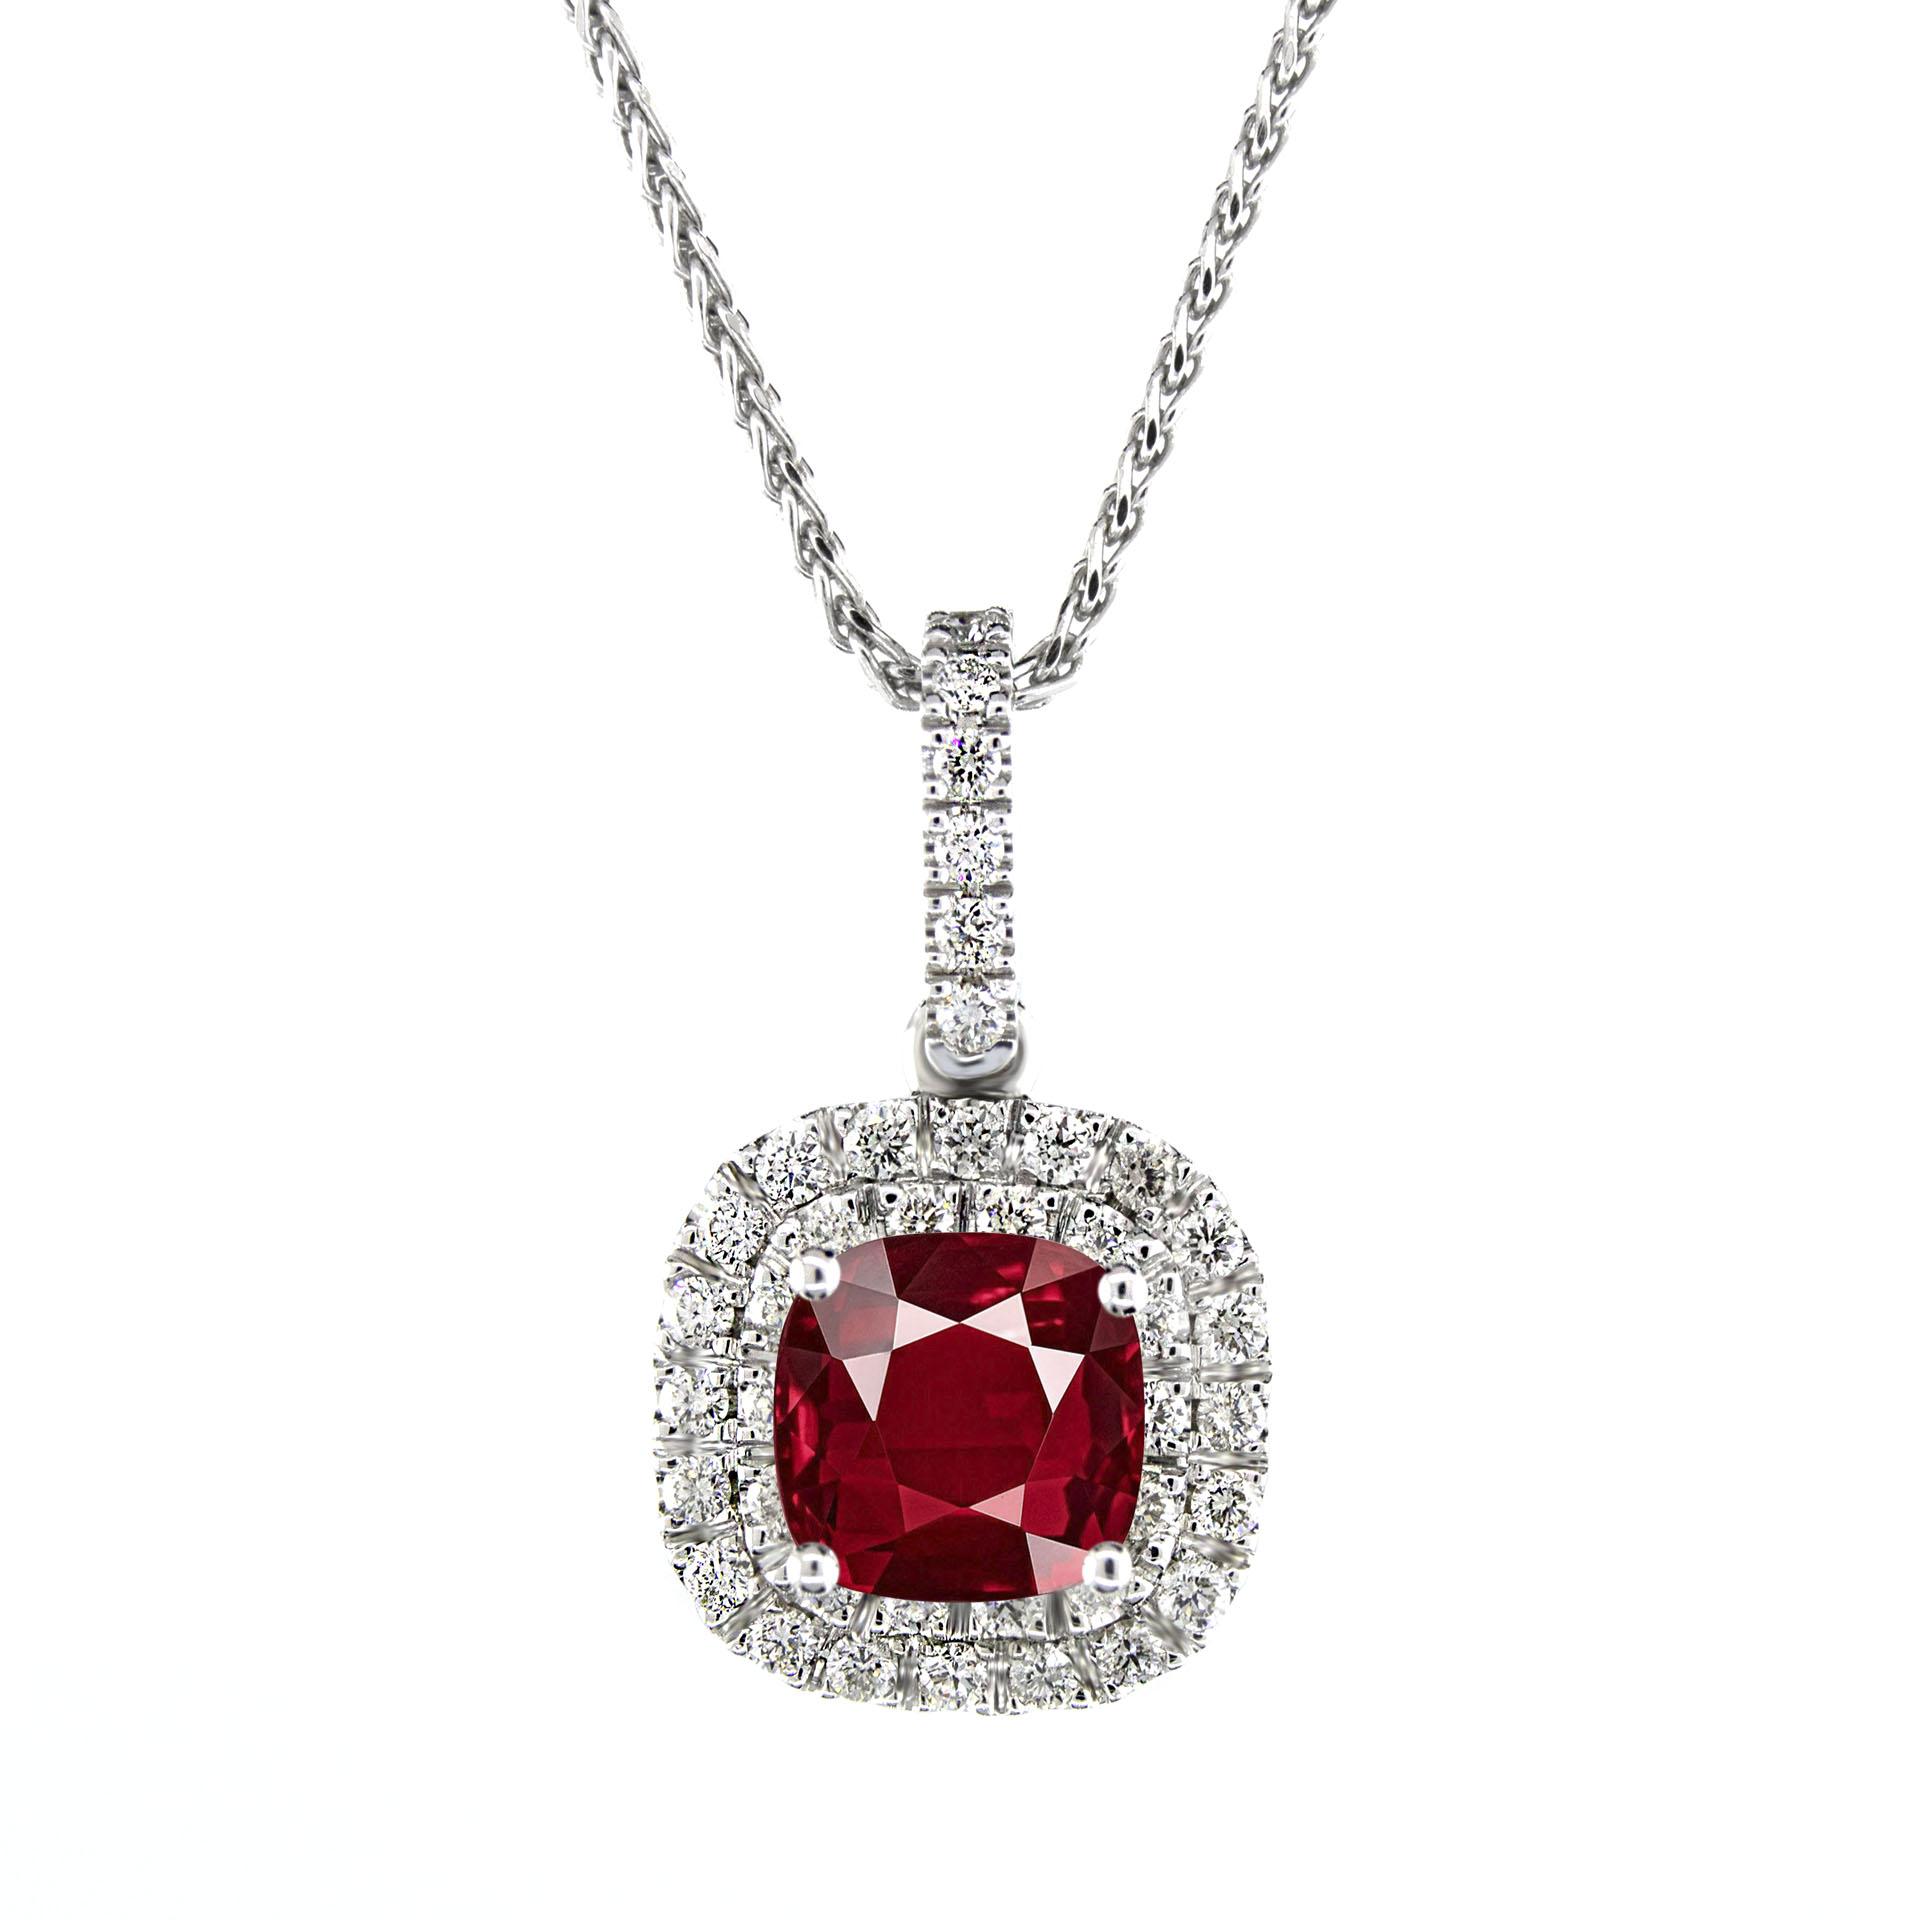 080 carat genuine ruby cushion gemstone with 40 side diamonds halo 080 carat genuine ruby cushion gemstone with 40 side diamonds halo pendant mozeypictures Gallery